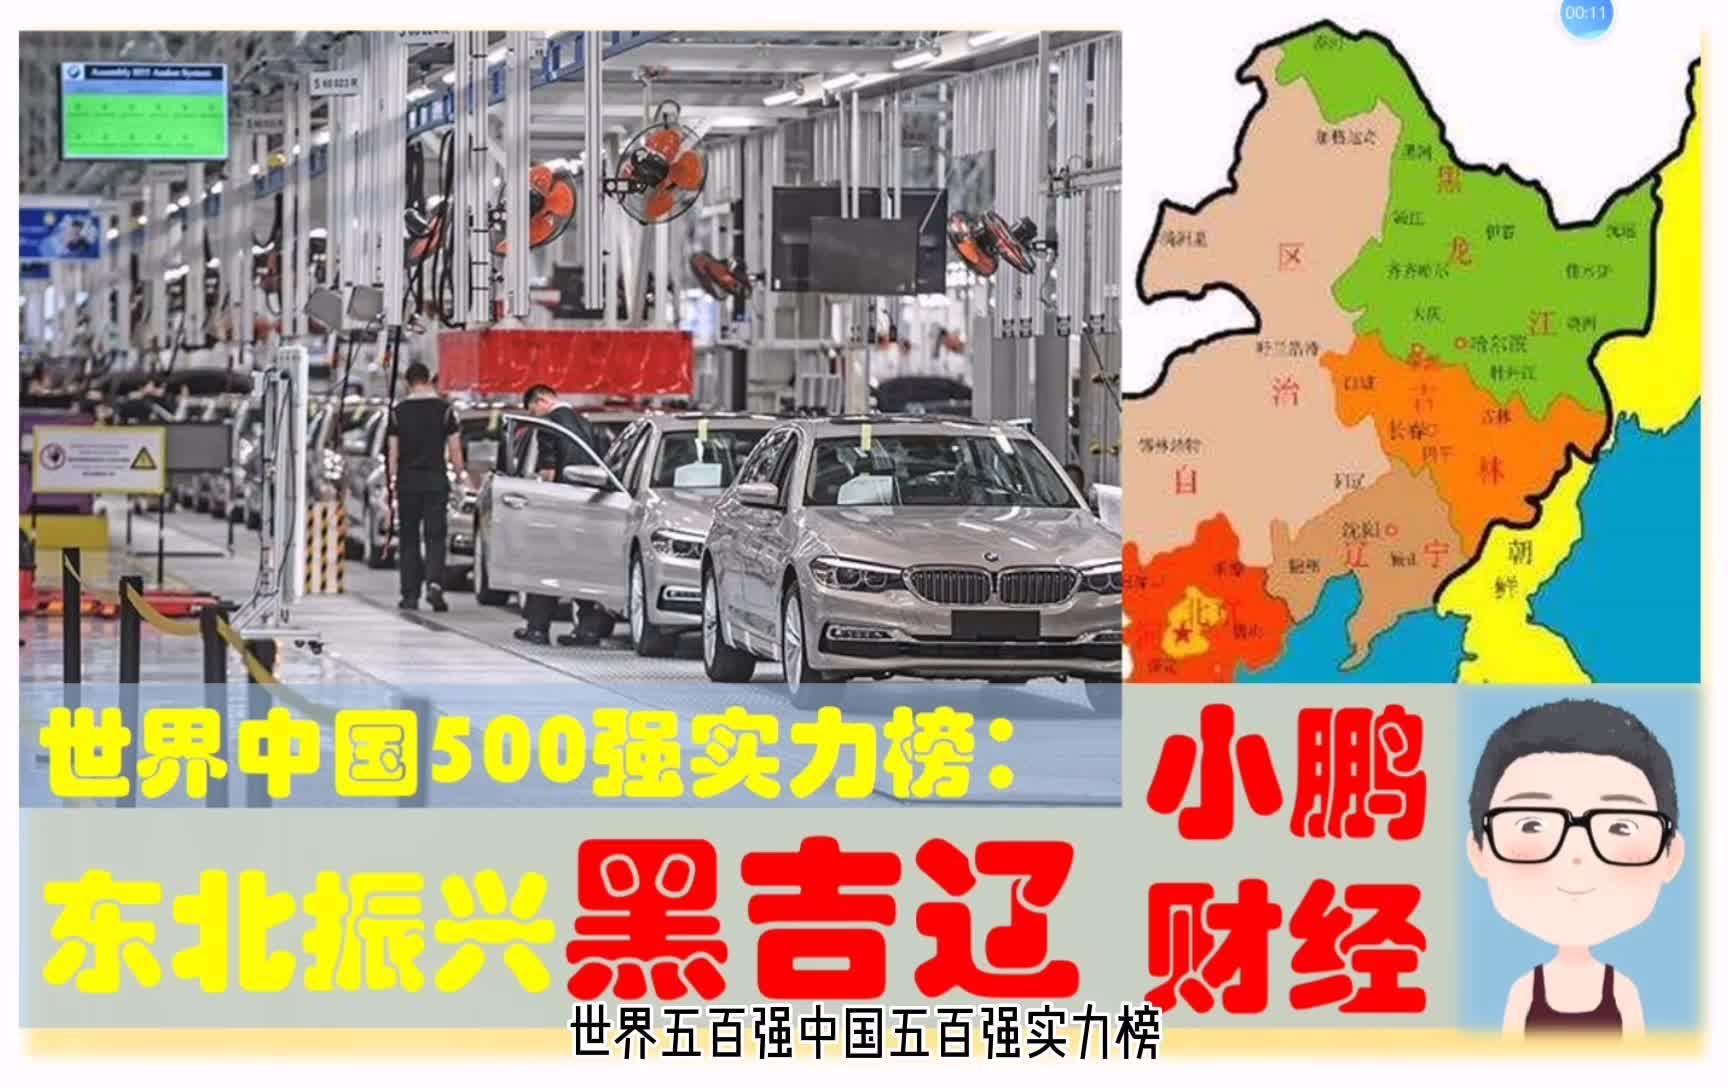 东北振兴火车头本省世界中国500强多牛,黑吉辽的超级制造业企业